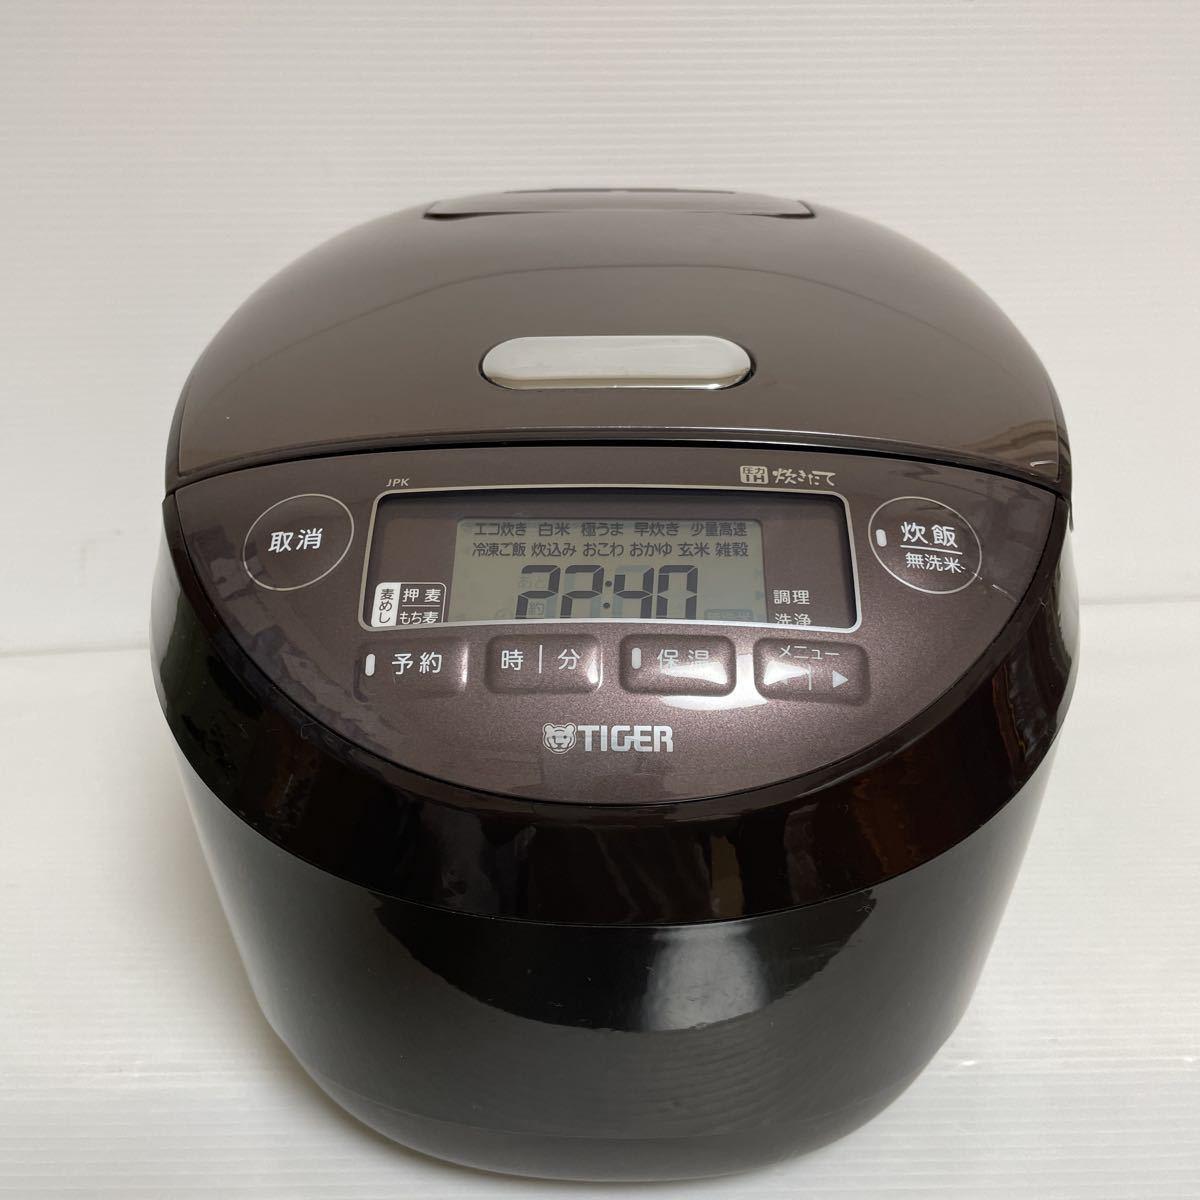 未使用/展示品 タイガー 圧力IH炊飯ジャー JPK-B180ブラウンT 1.8L